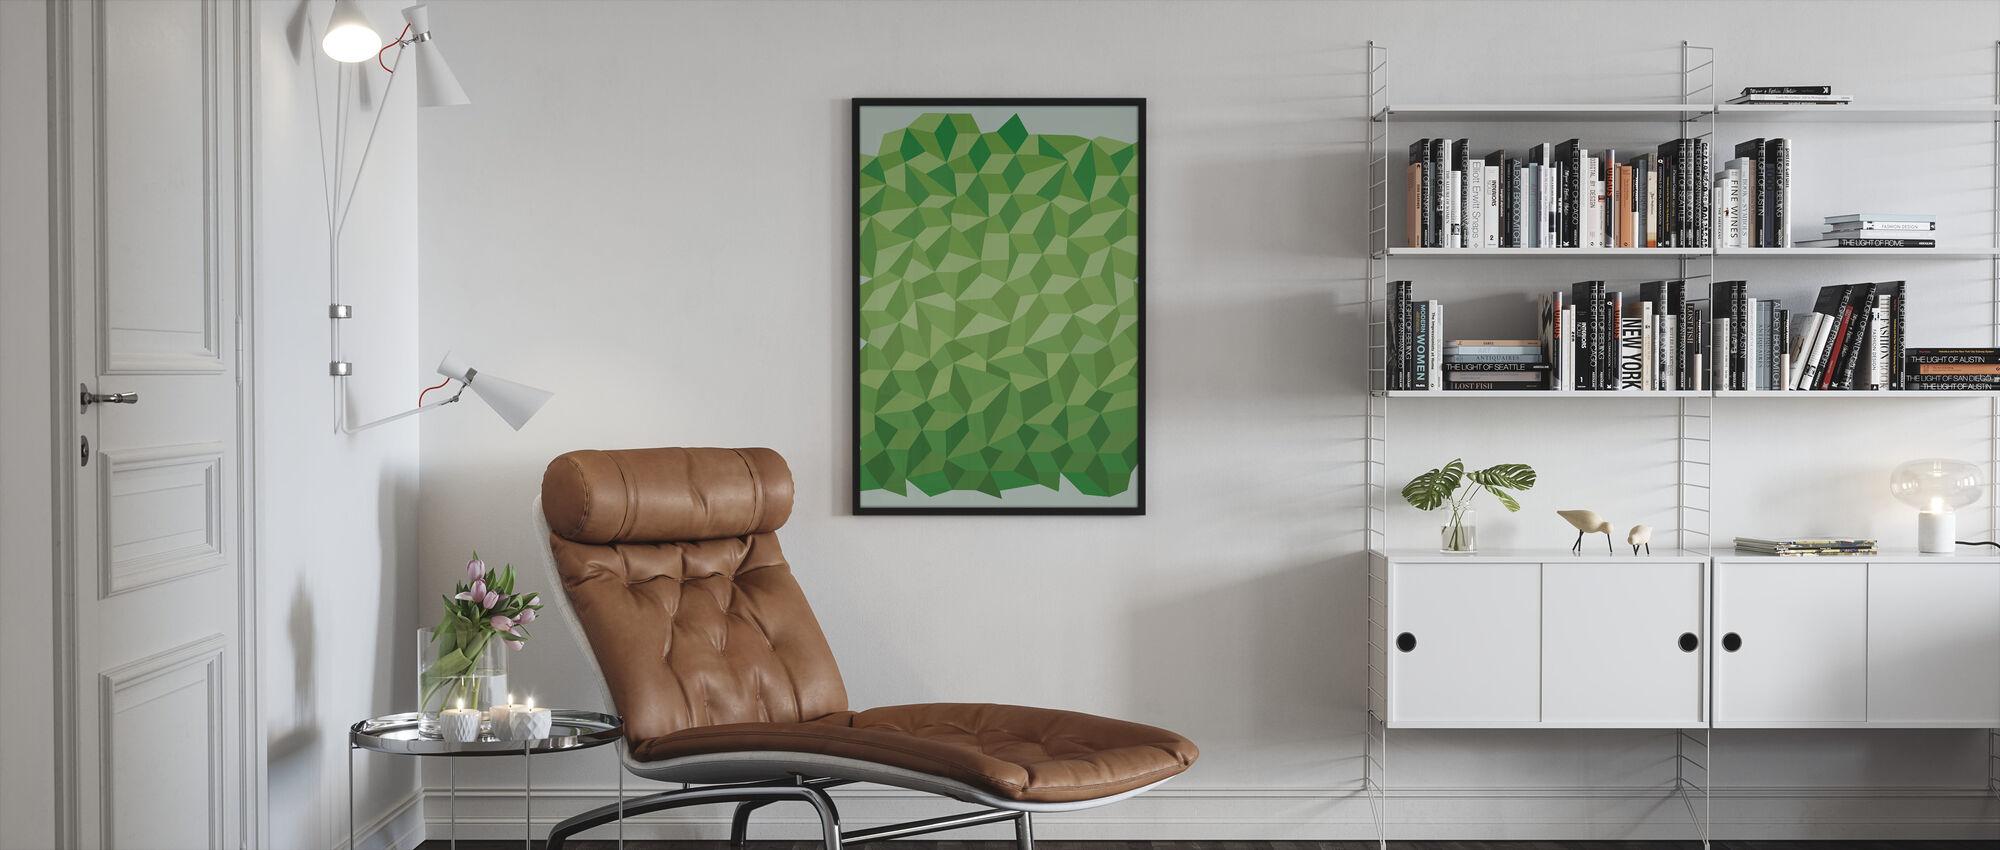 Grønn polygon bakgrunn - Innrammet bilde - Stue